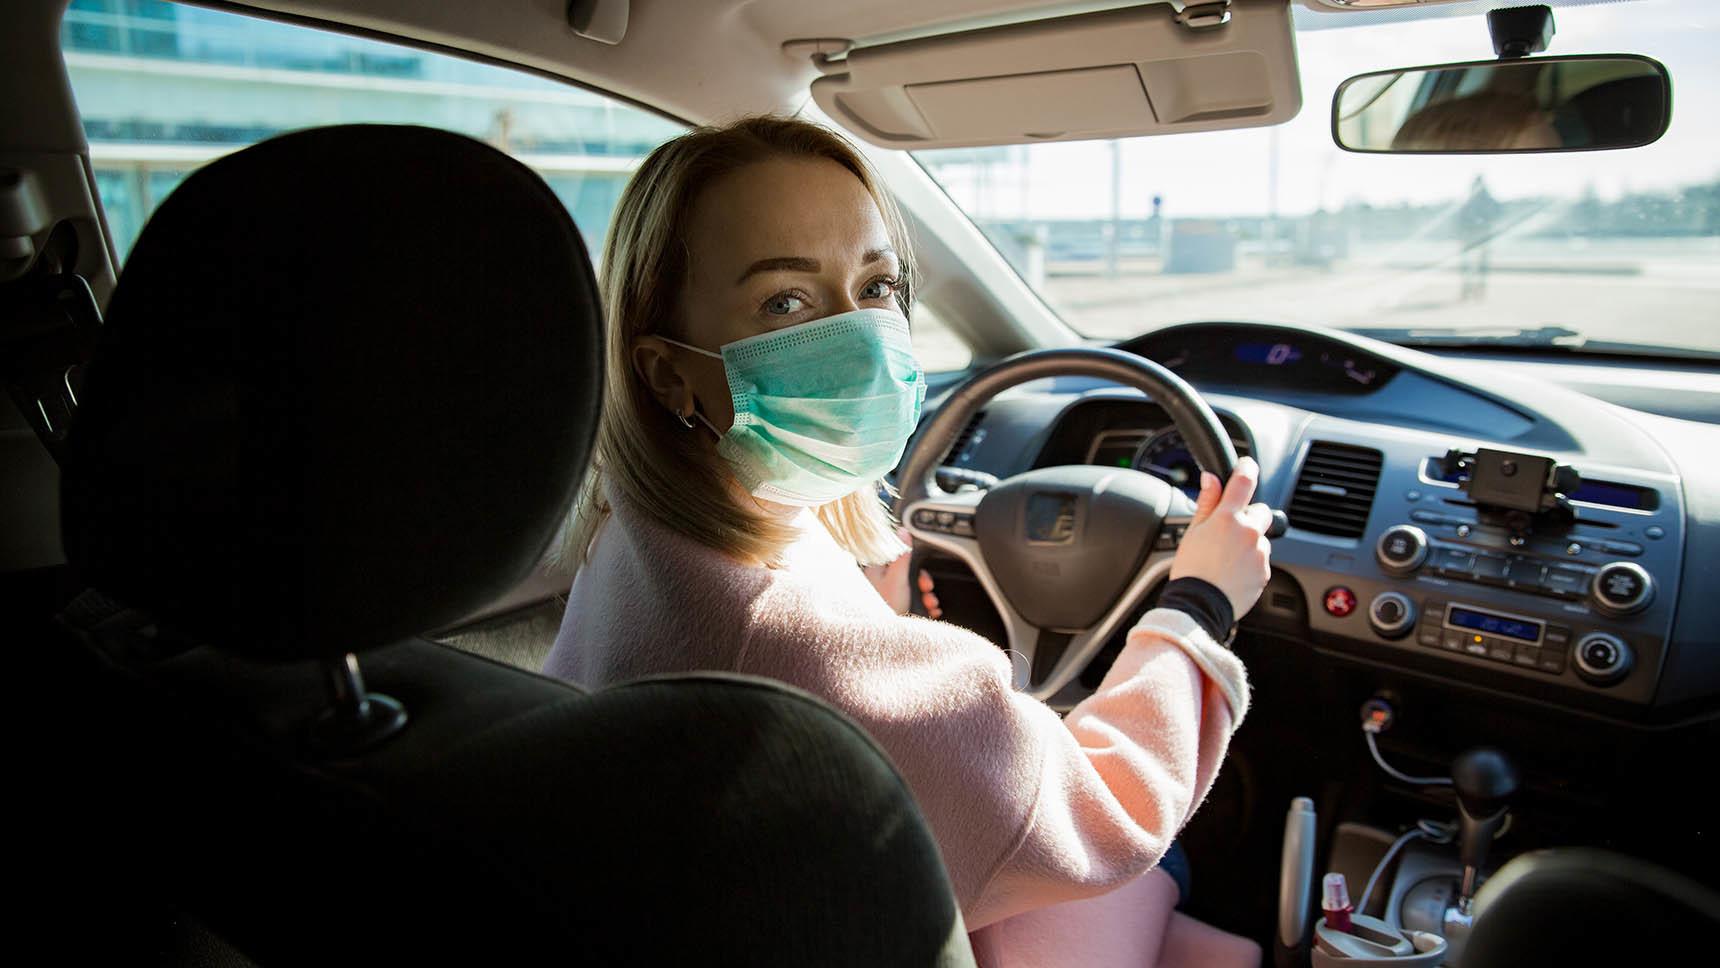 Прощай, зараза: коронавирус против салонного фильтра